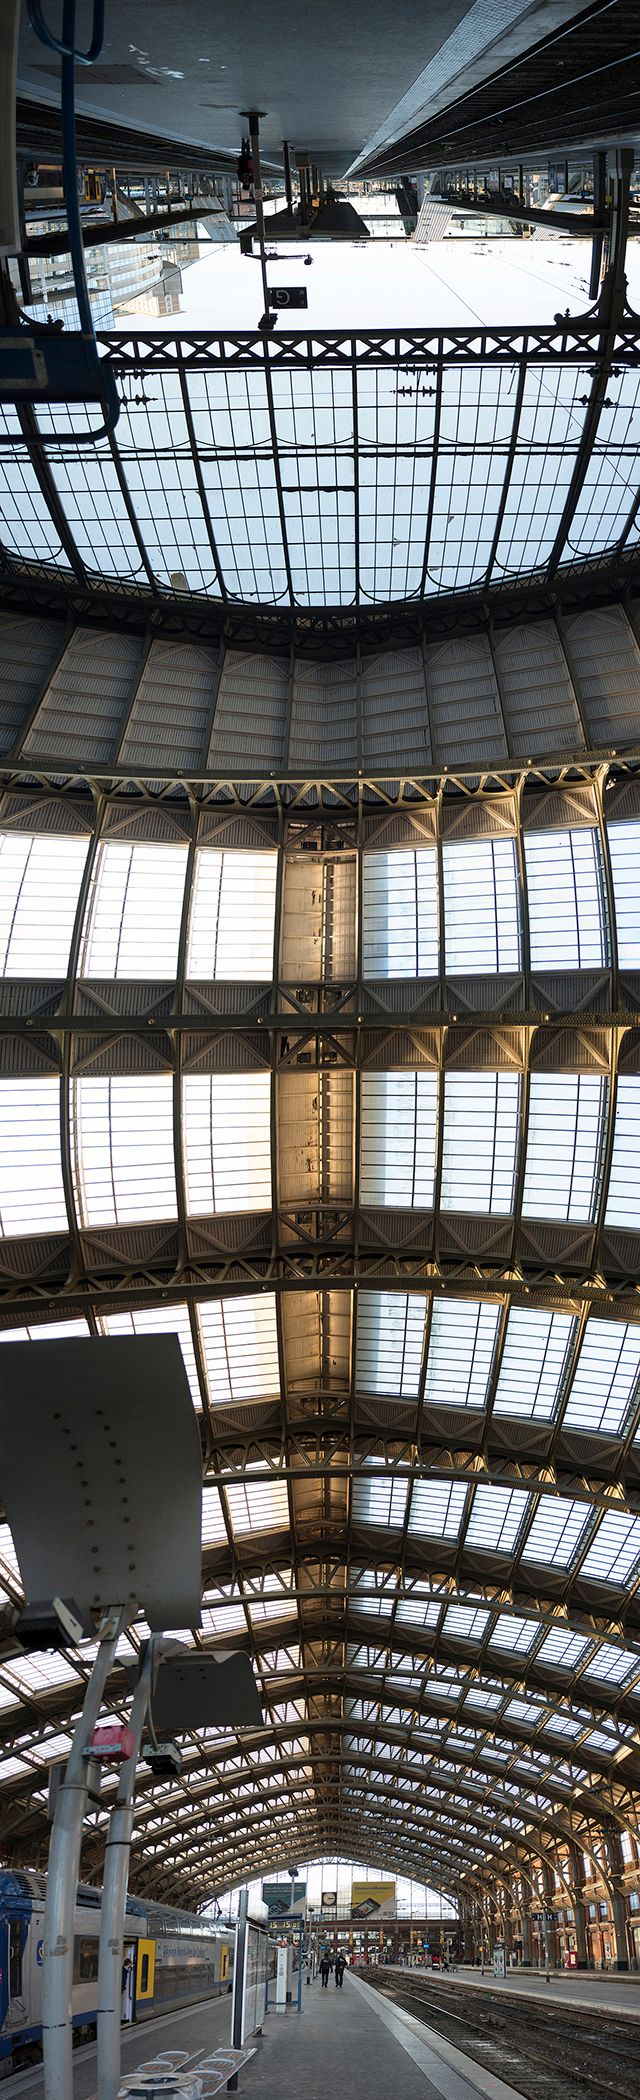 Architecture: la gare de Lille  - gclavet | ello